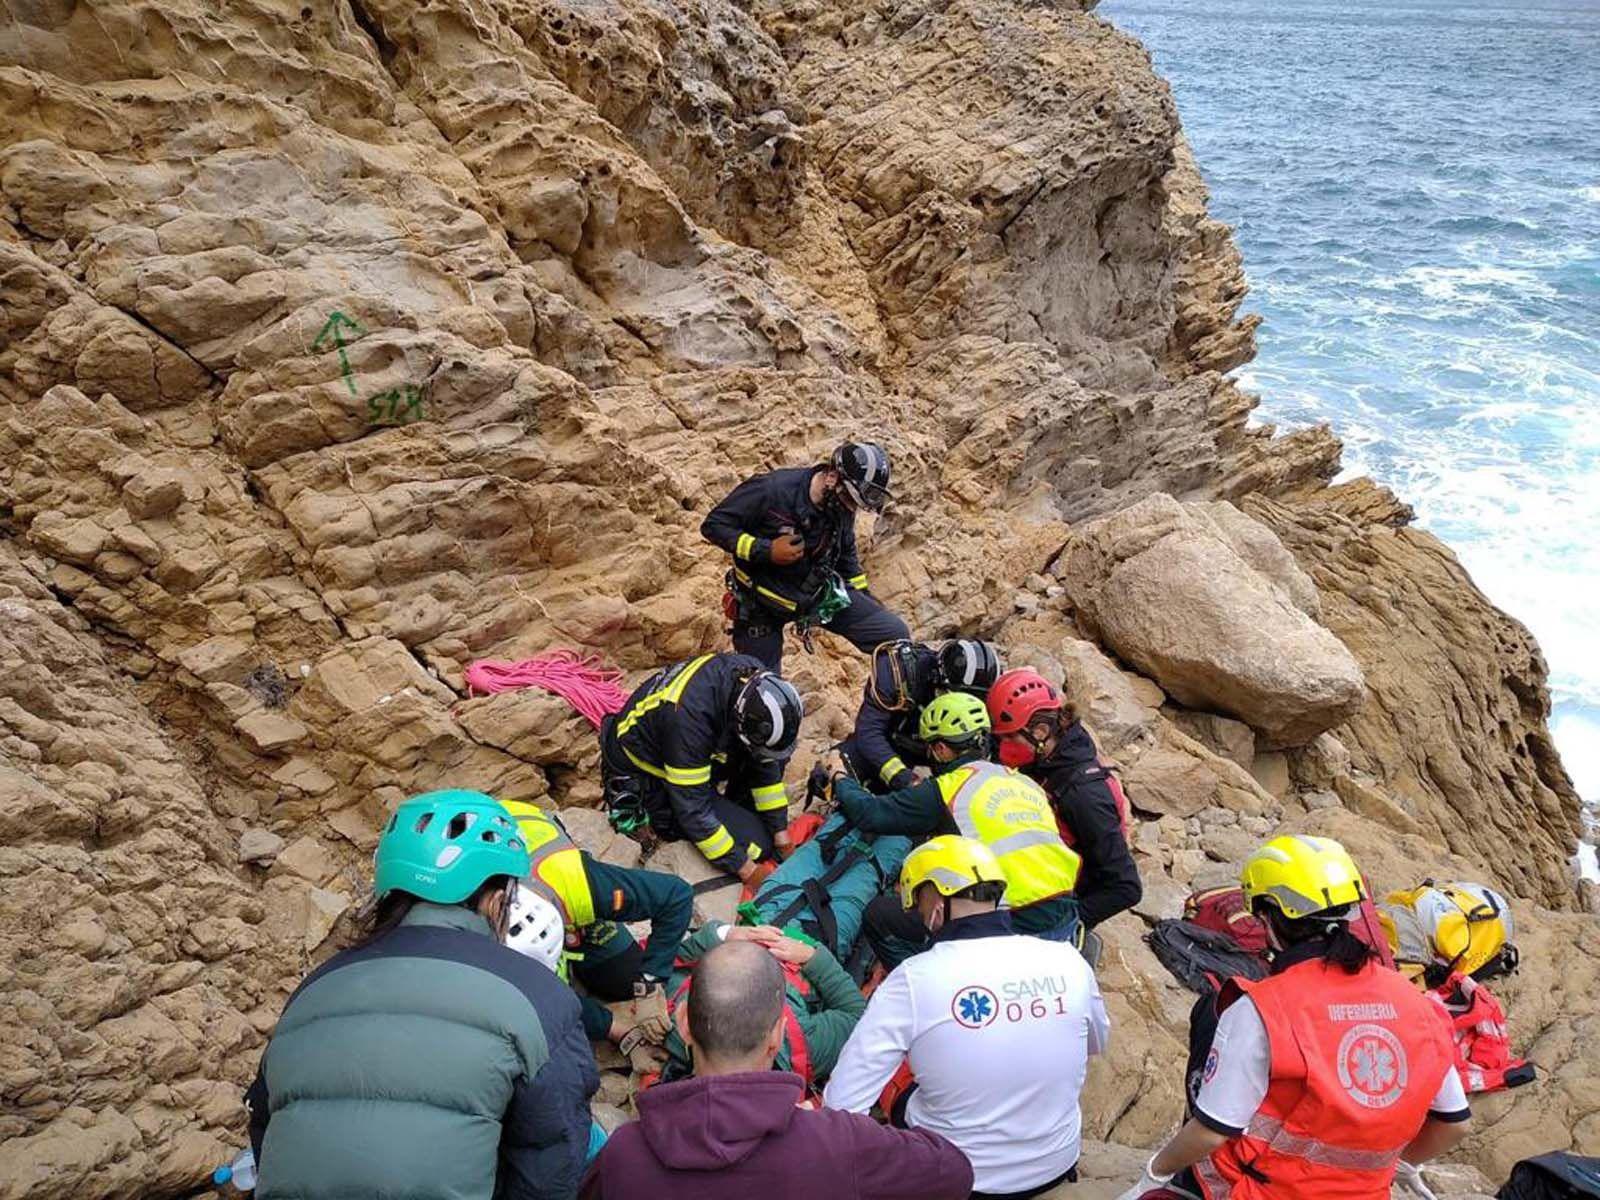 Rescatado en helicóptero un escalador que cayó desde ocho metros en Ibiza